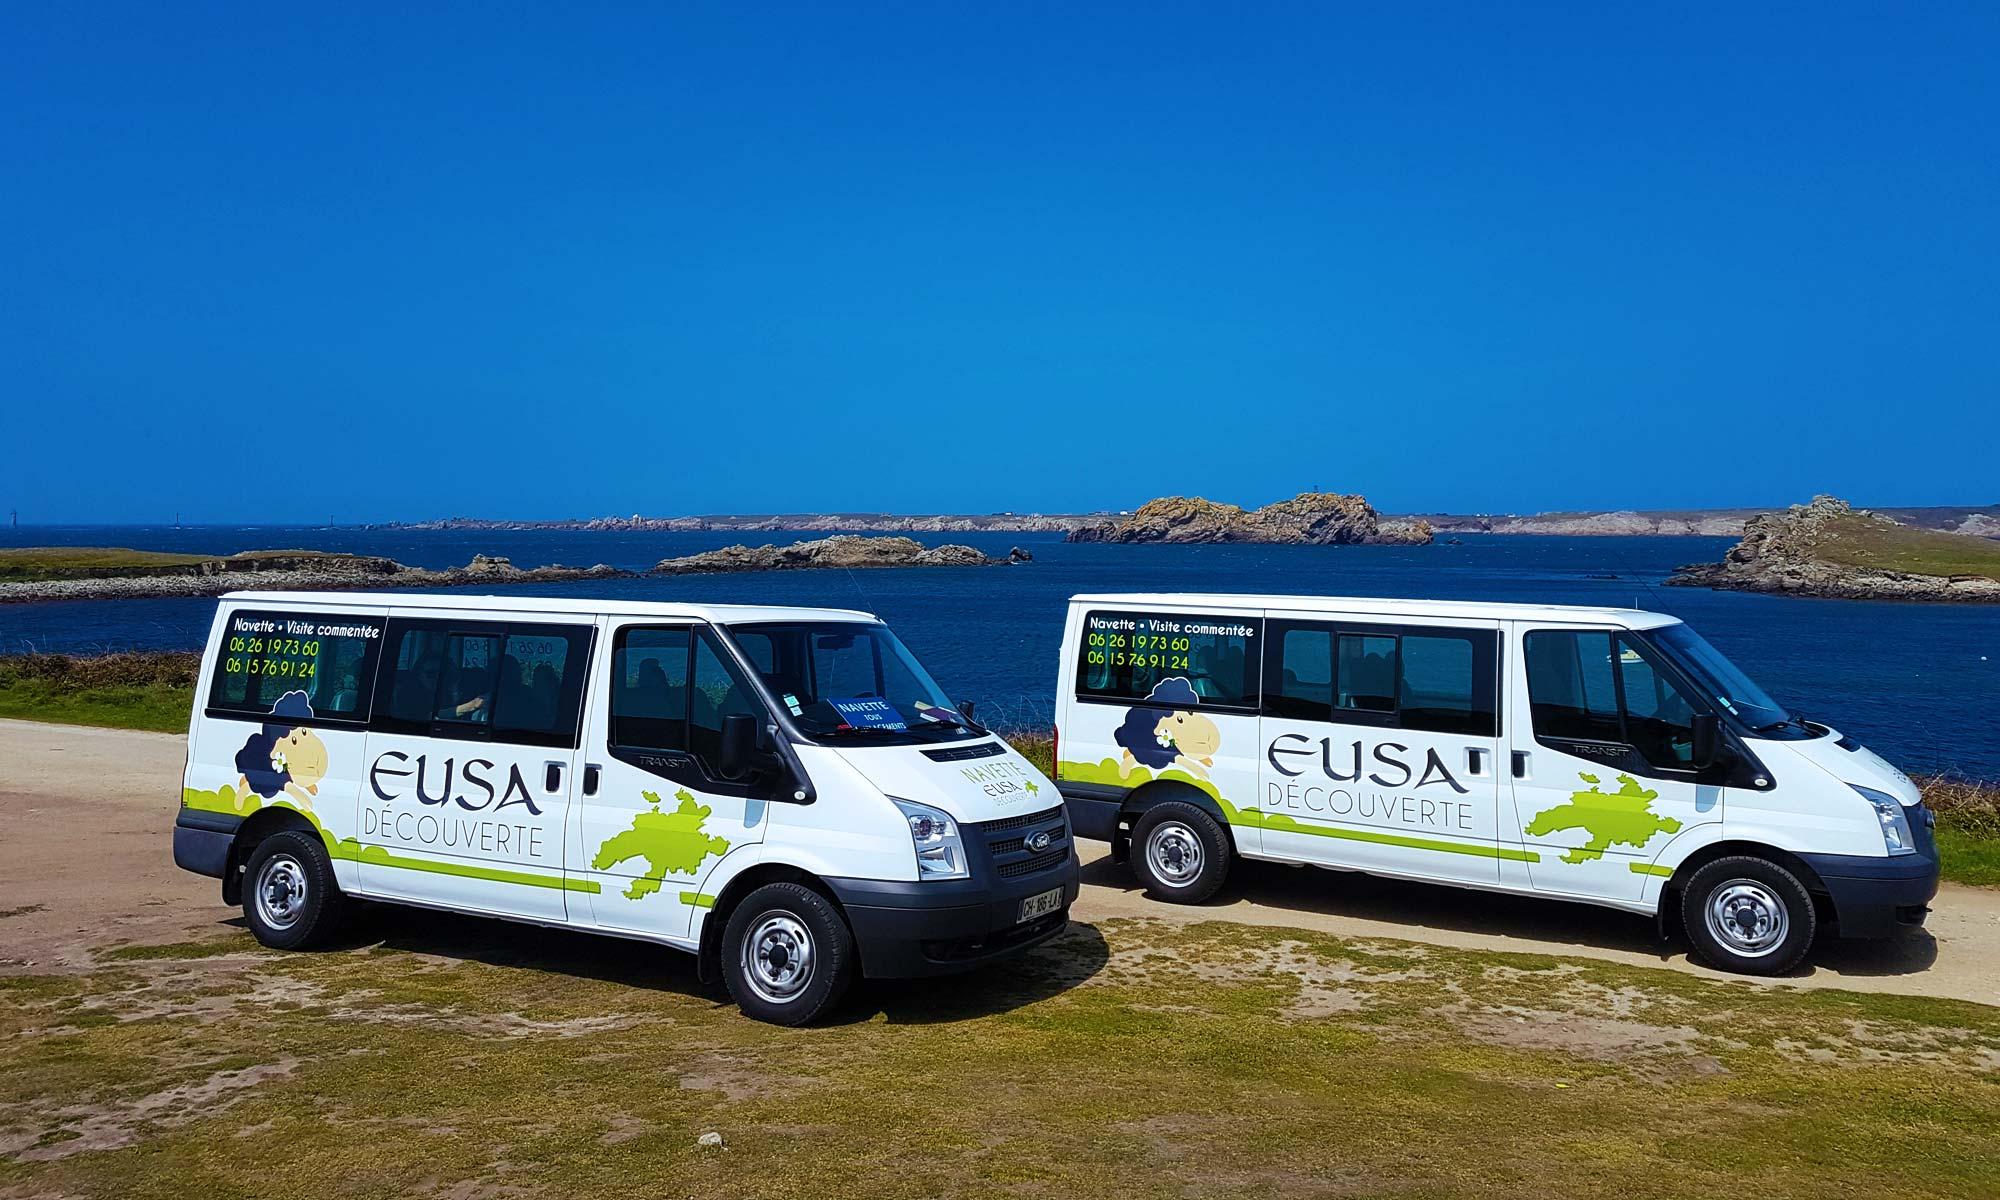 Nos véhicules - minibus de 8 passagers - porz goret - ile d'Ouessant - Eusa decouverte - visite commentée - circuit touristique - navette - déplacement